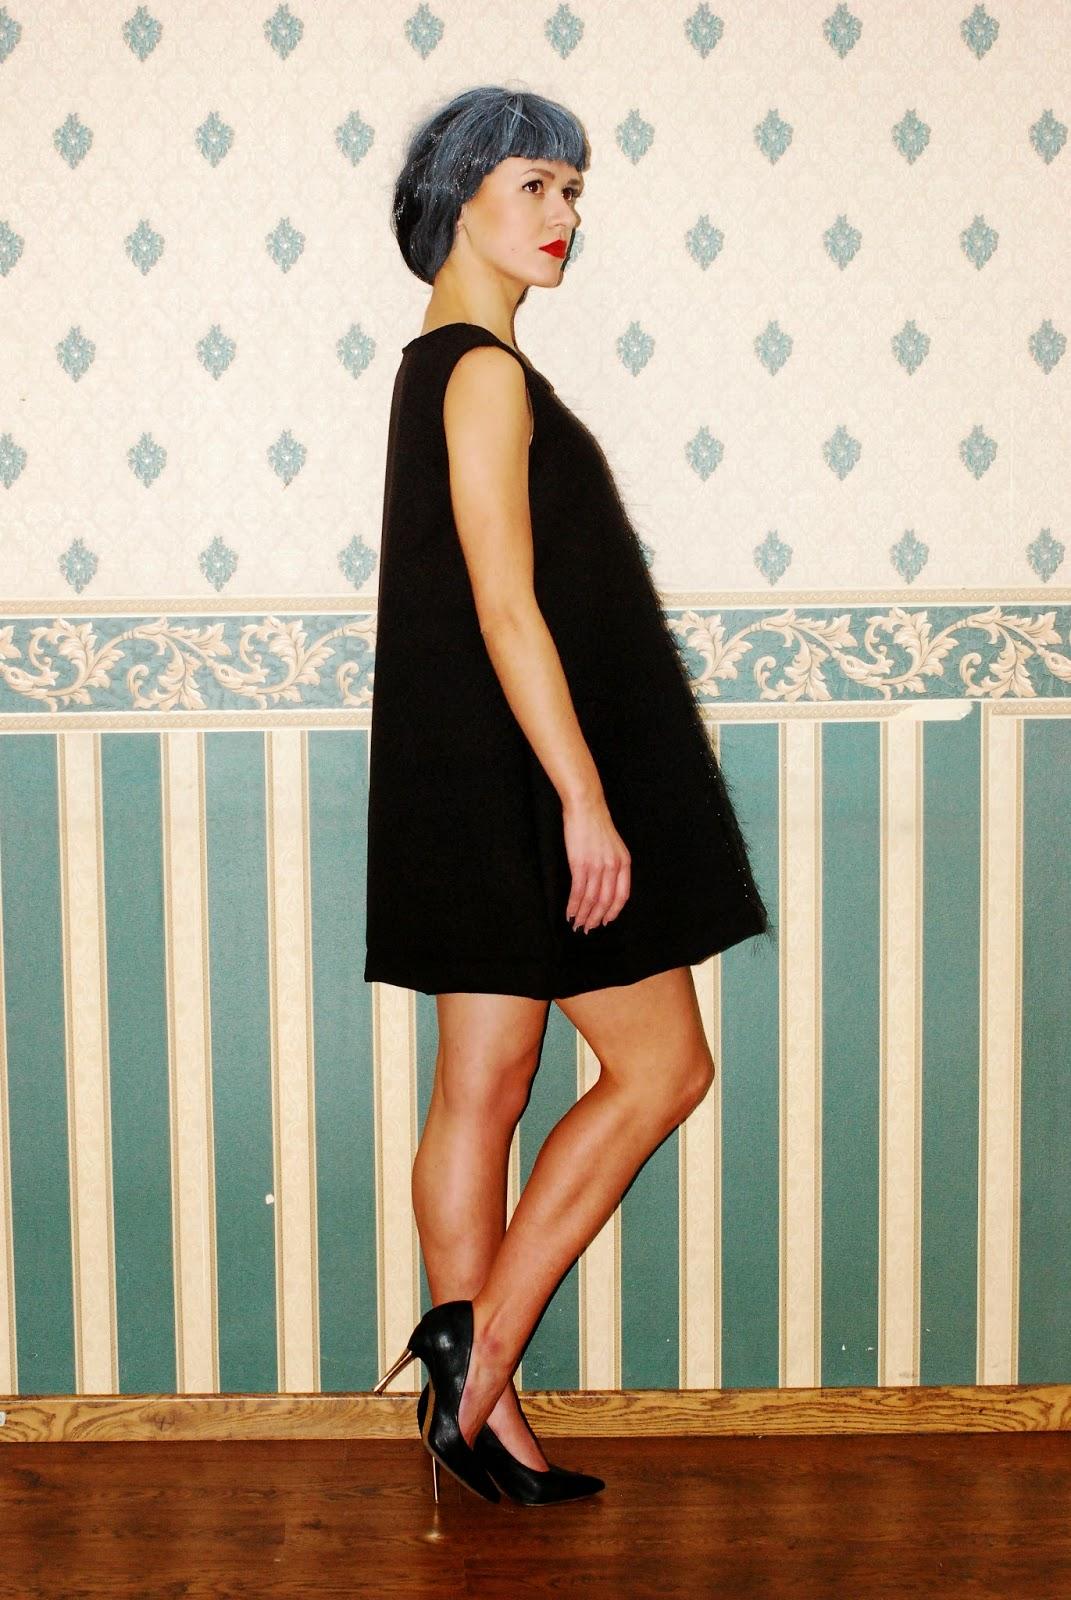 Sukienka trapez MARACHIC, Mieniący się komplet, Sukienka z flauszu, Cekinowa sukienka MARACHIC, cekinowe spodnie, spodnie w cekiny, sukienka na sylwestera, karnawała, karnawałowe kreacje 2015